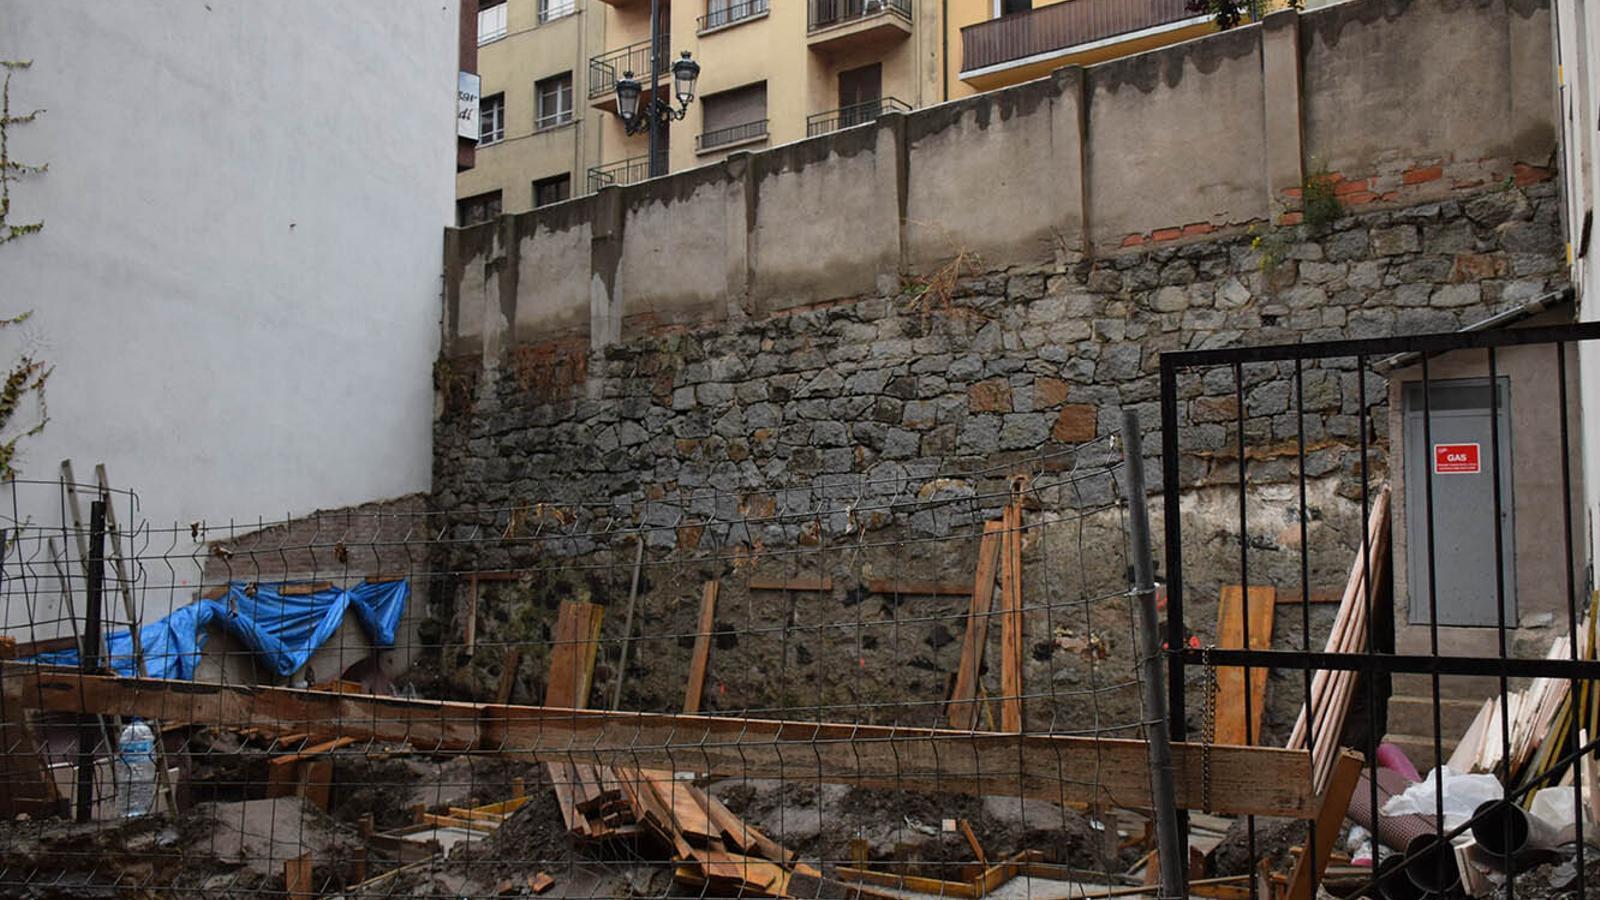 Les obres que s'estan fent per a un nou espai públic a l'avinguda Príncep Benlloch. / M. F. (ANA)